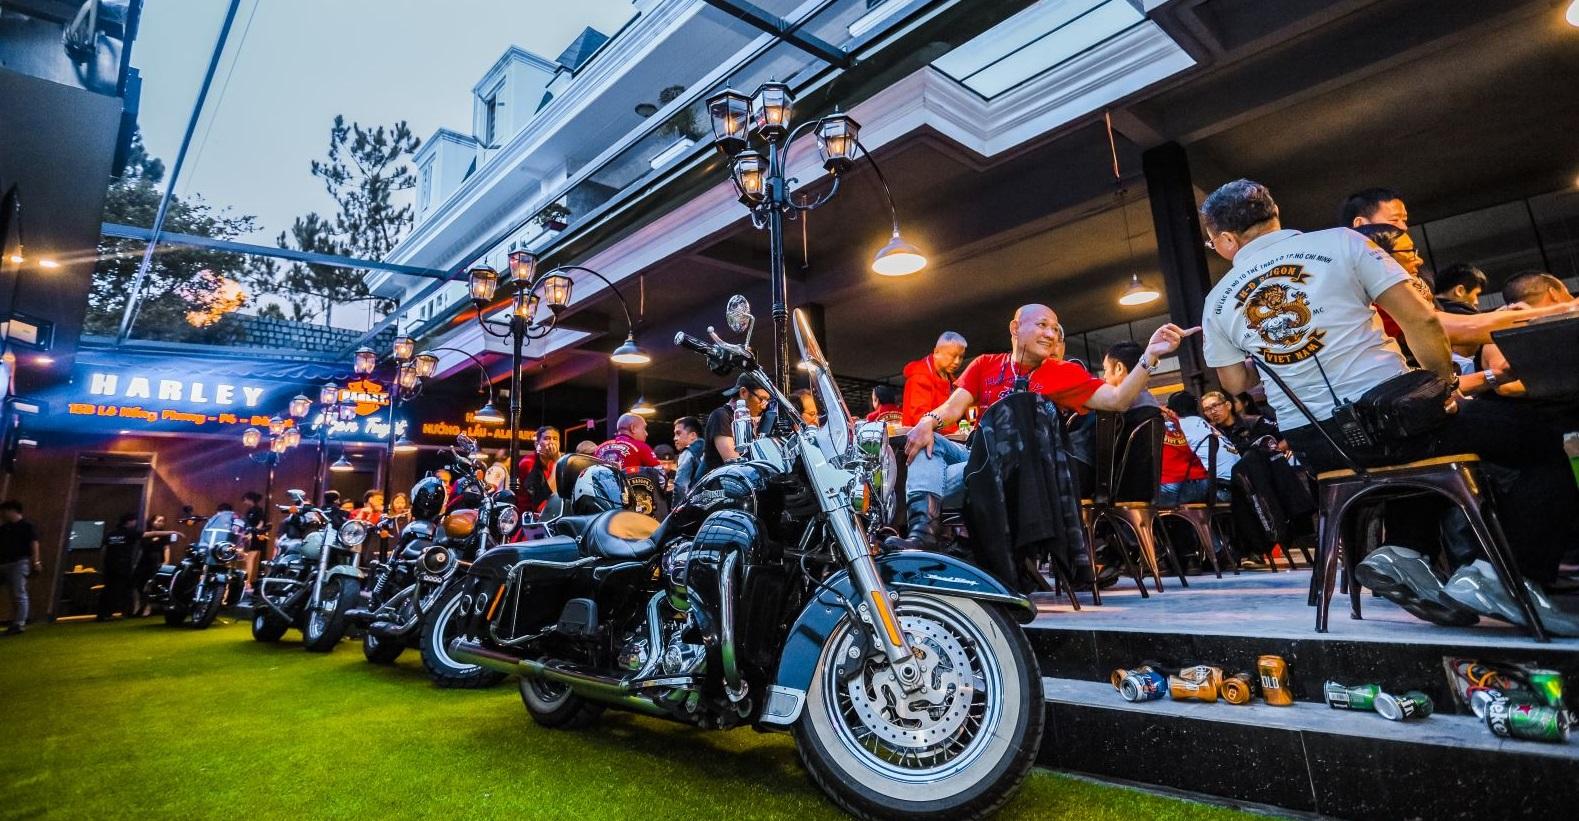 """Nhà hàng Restaurant & Harley tại Đà Lạt mang đậm phong cách """"xế cổ"""""""